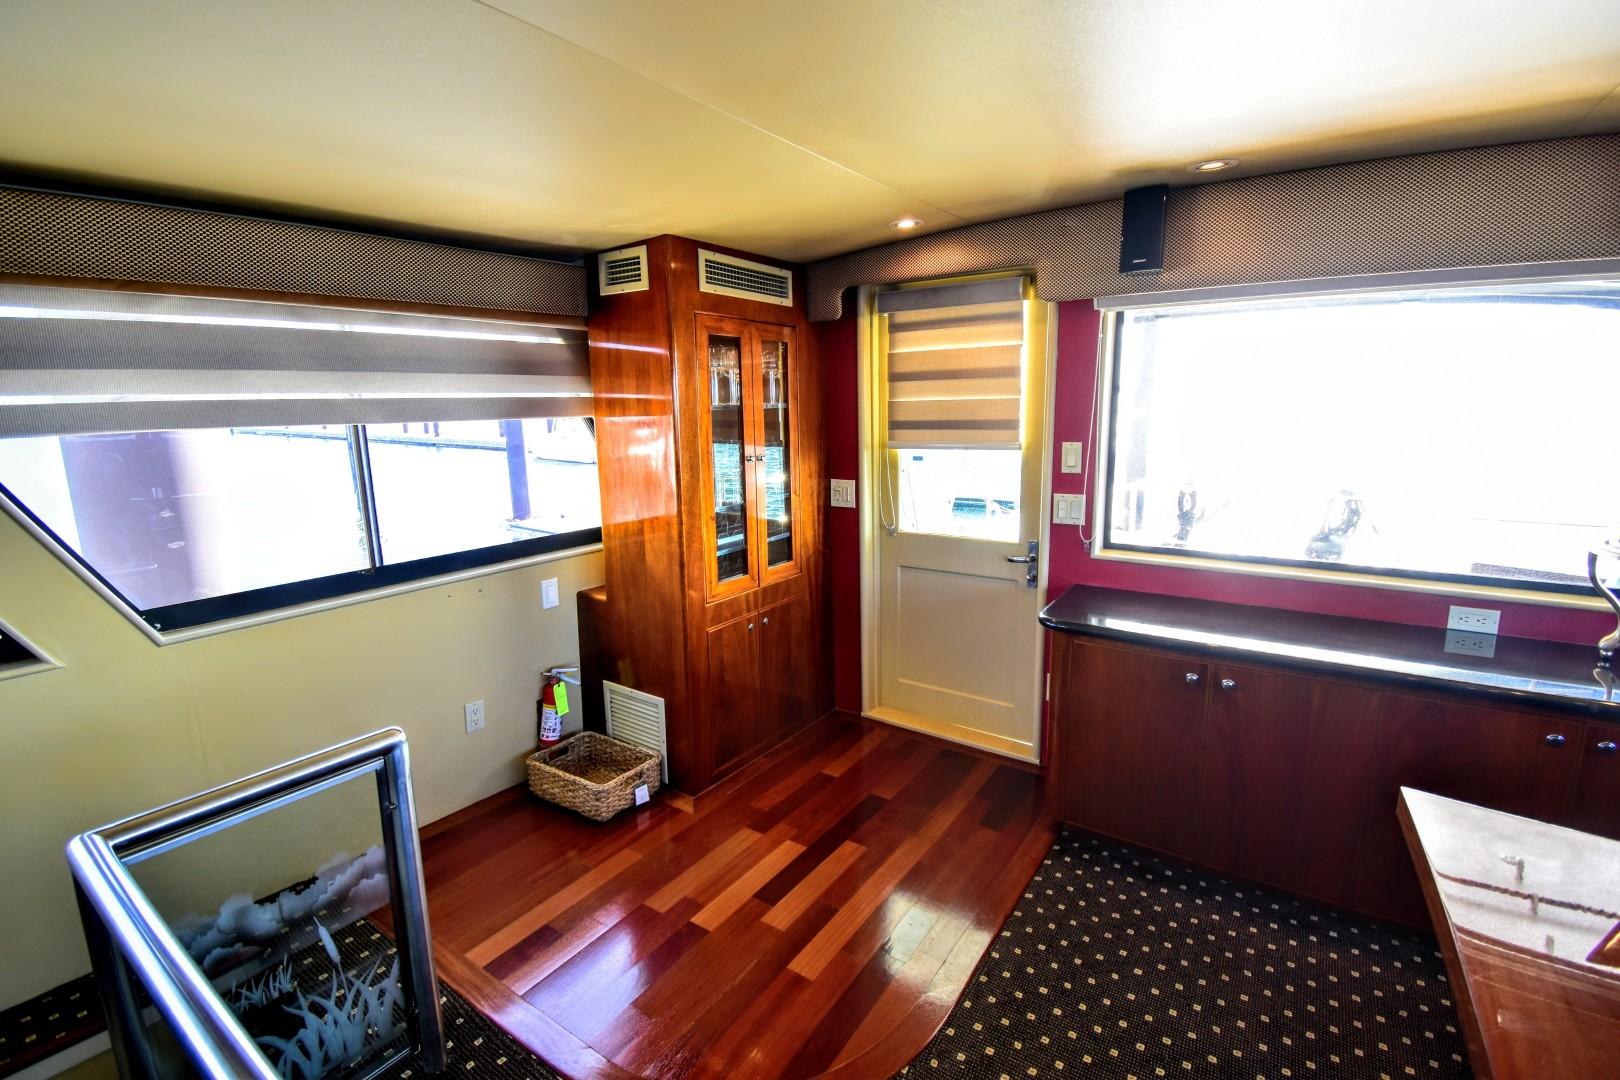 Hatteras-82 Cockpit Motor Yacht 1985-Papillon Seabrook-Texas-United States-Hatteras Motor Yacht 1985 Papillon-1345378 | Thumbnail